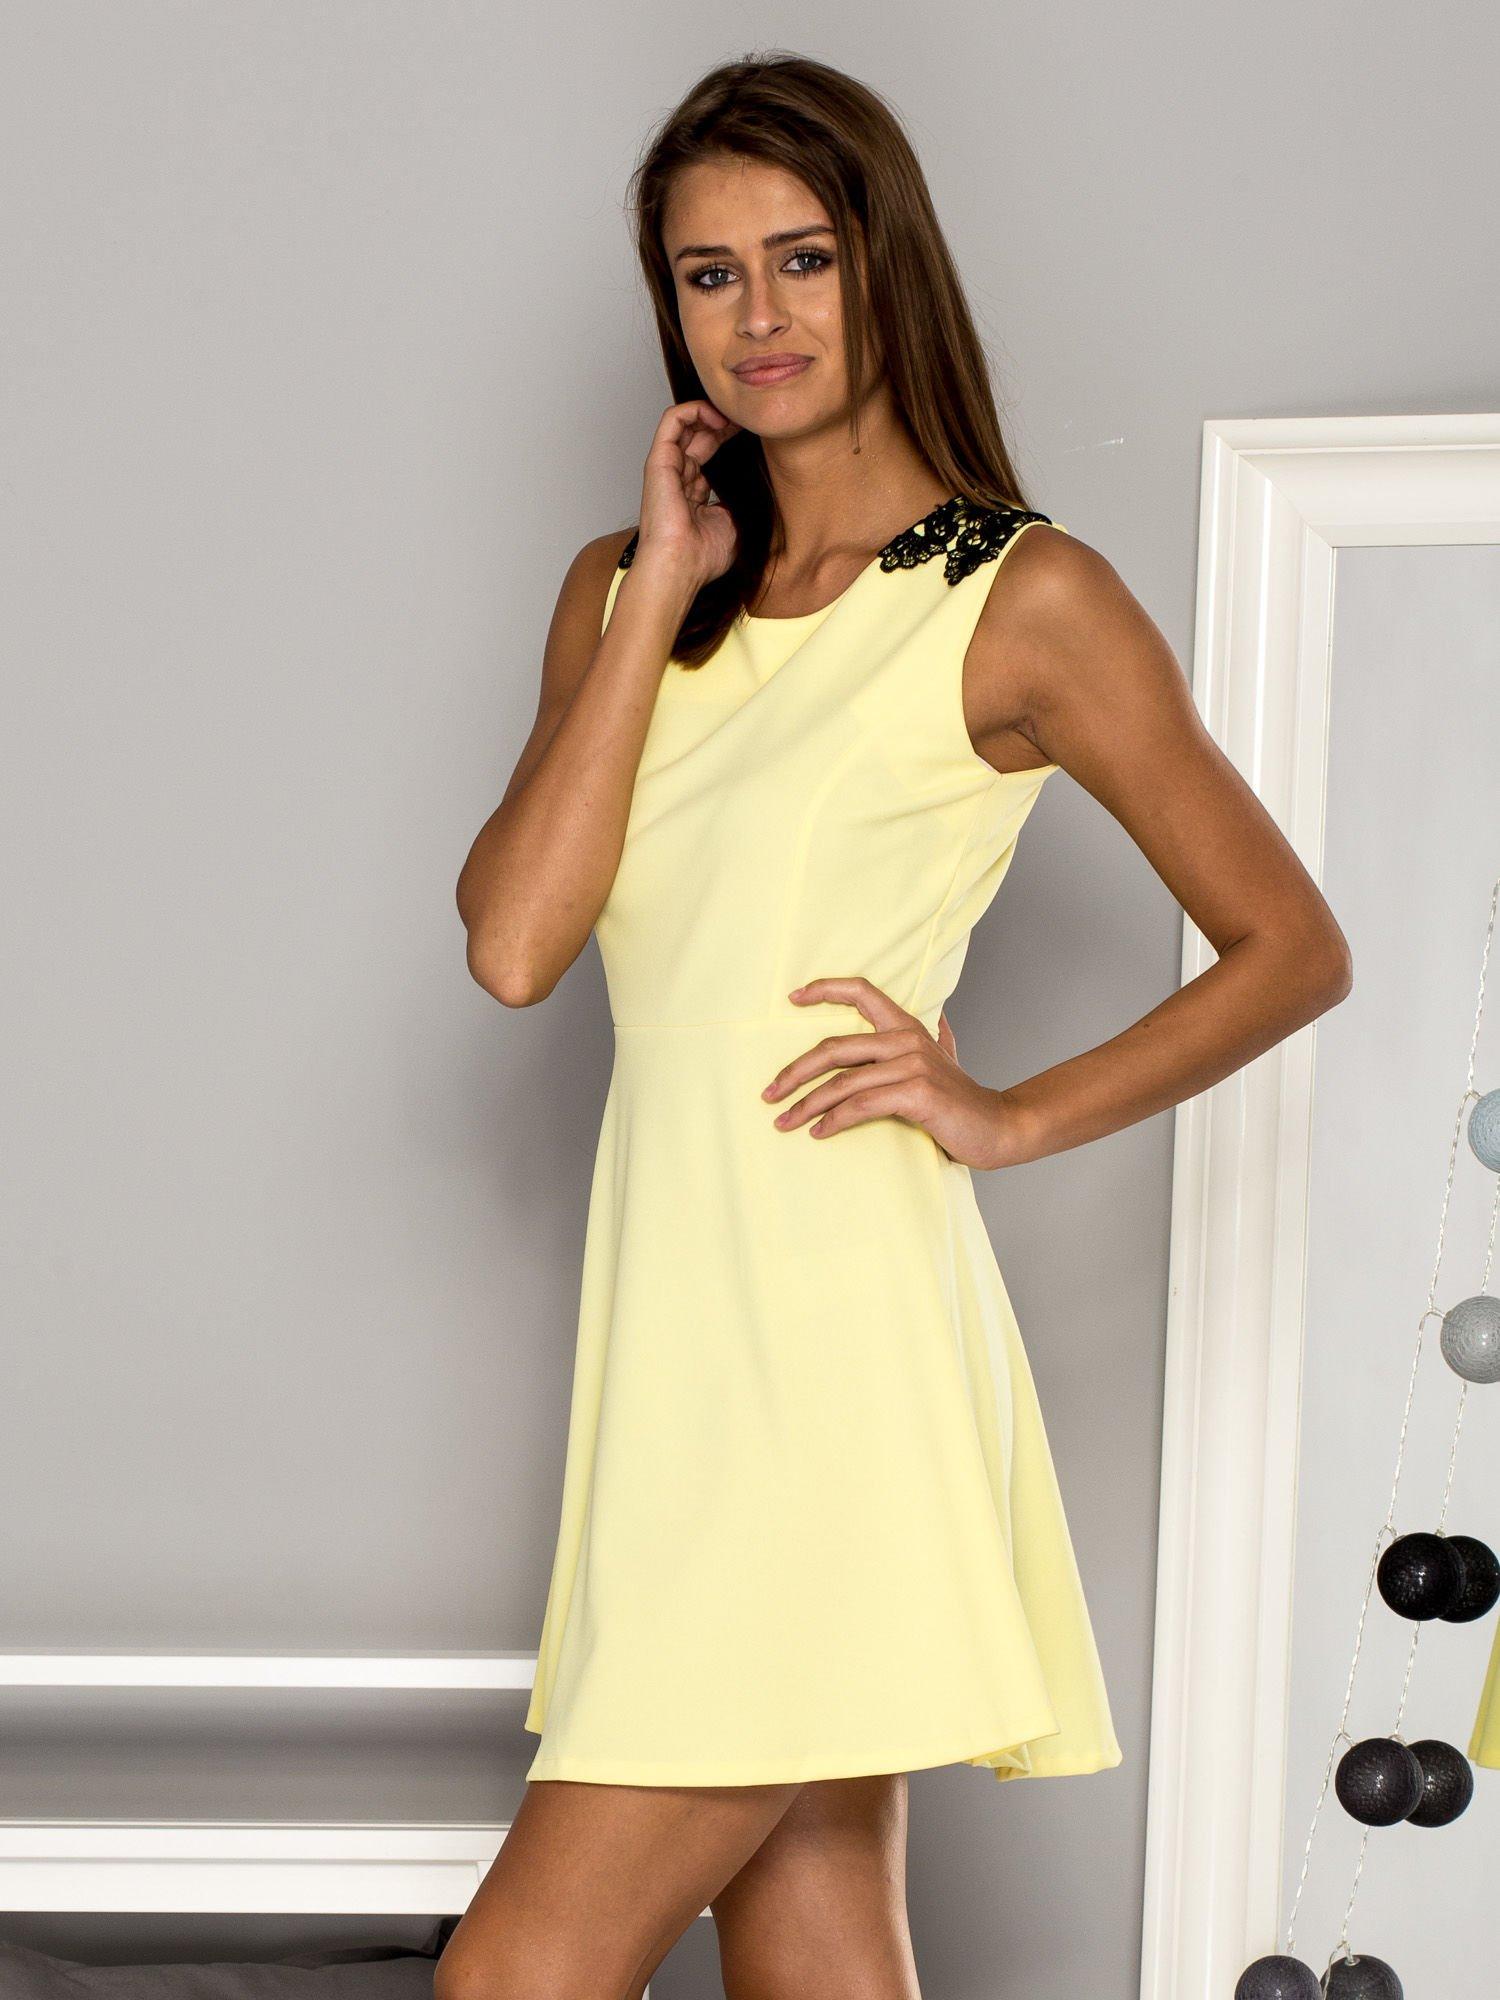 d8fe860f80 Żółta sukienka koktajlowa z koronkowymi wstawkami - Sukienka ...